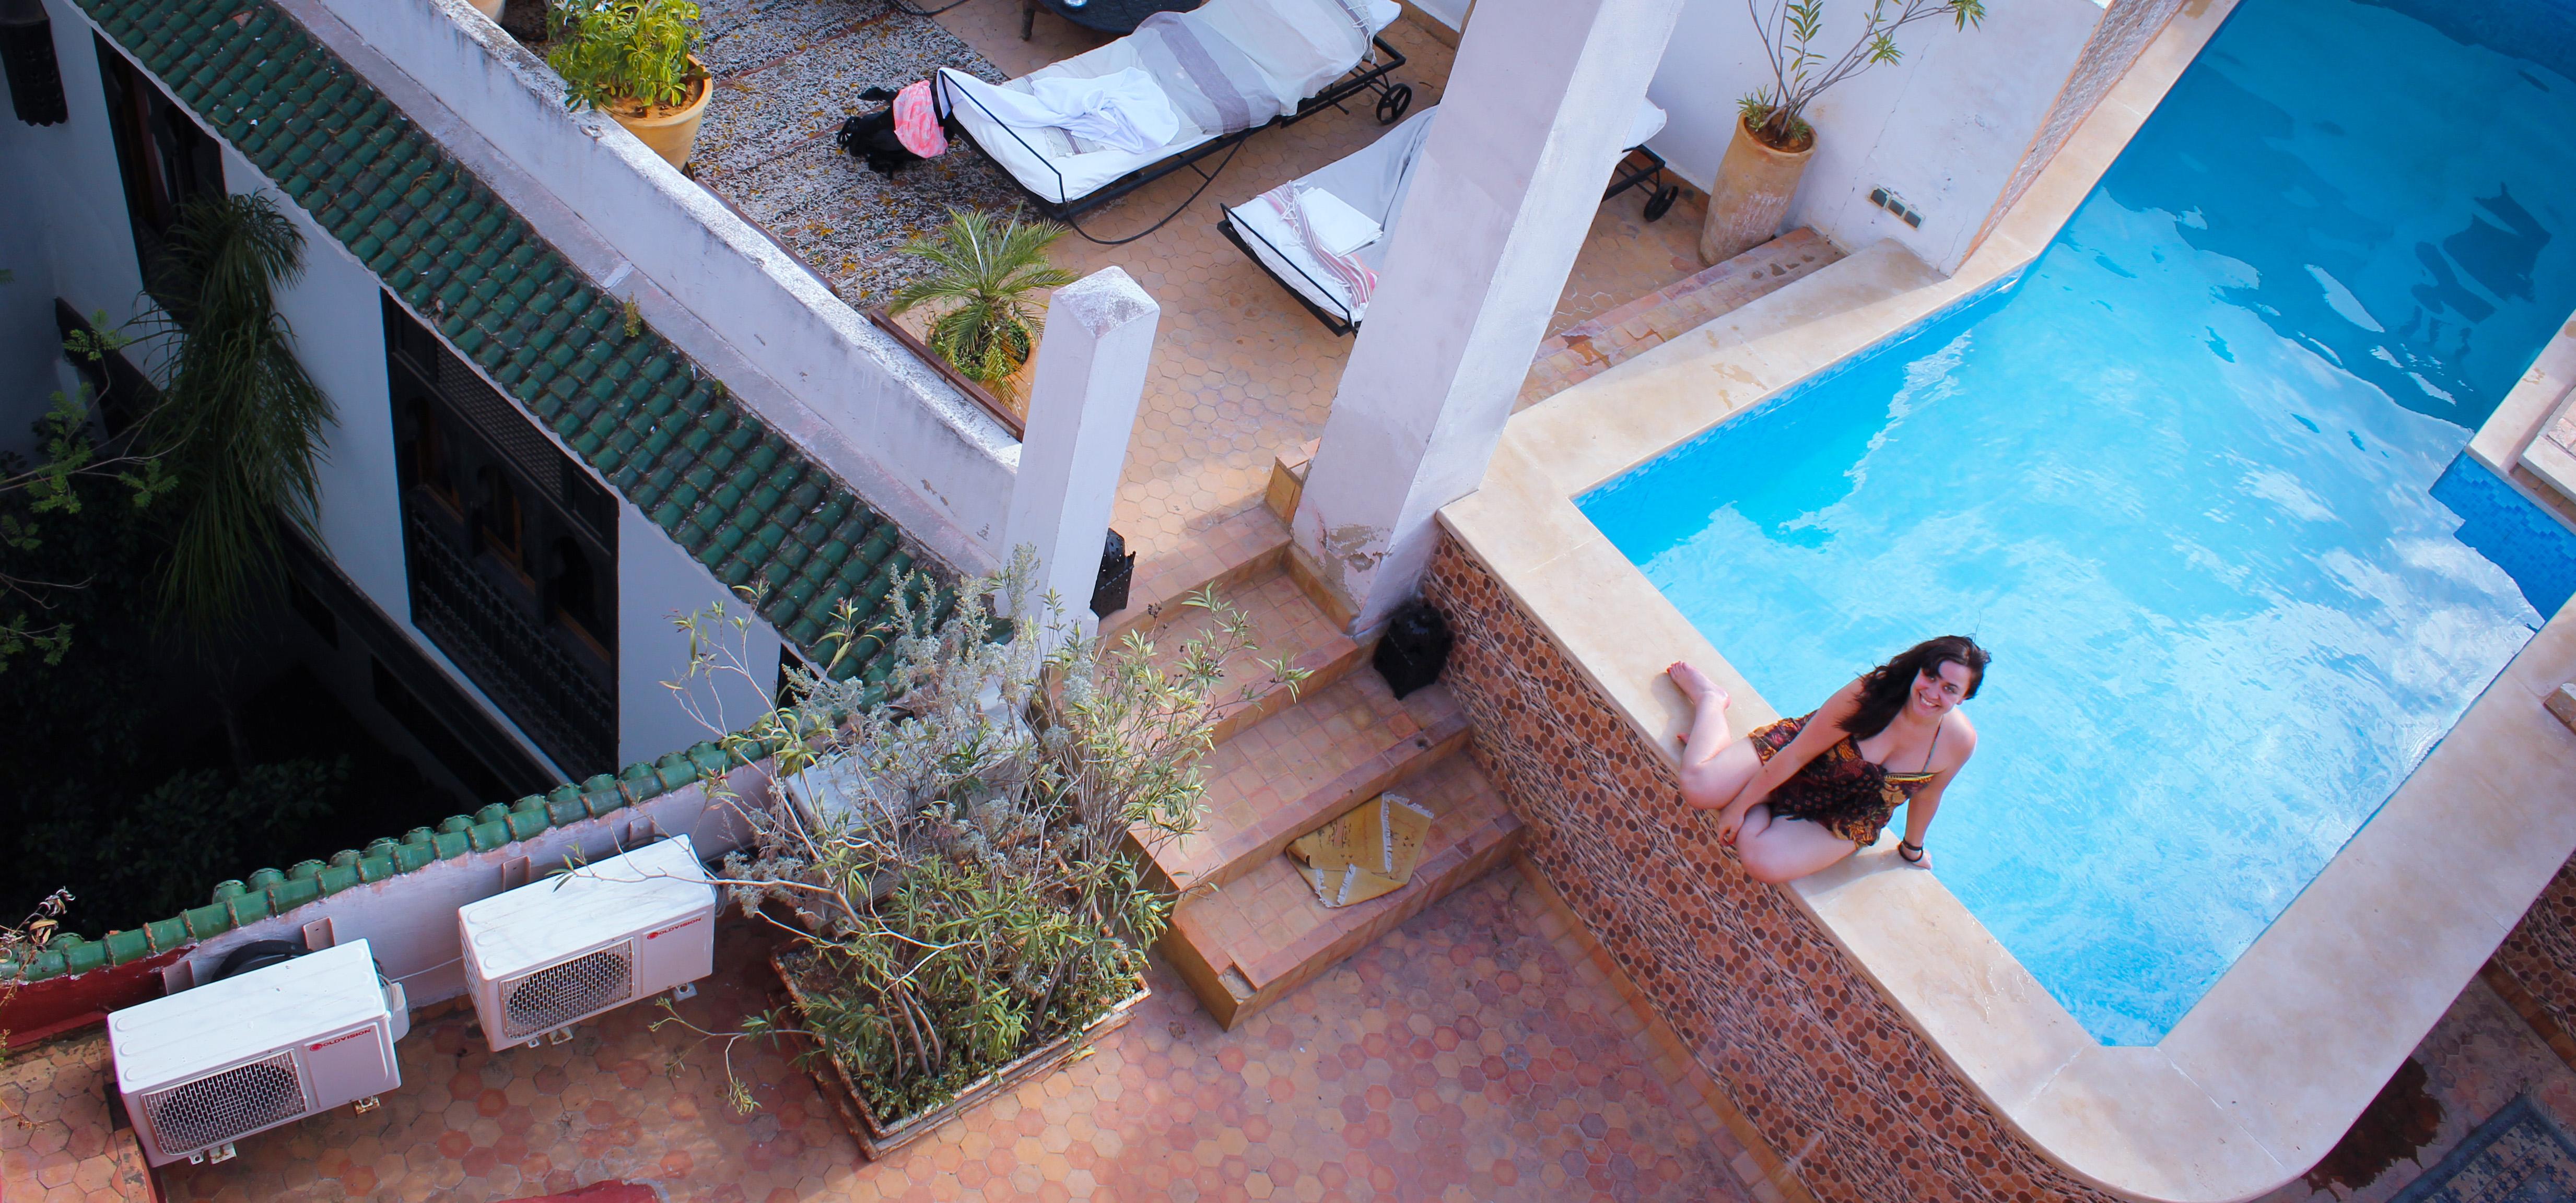 Sur l'image on voit un femme au bord de la piscine du riad d'or  à Meknès